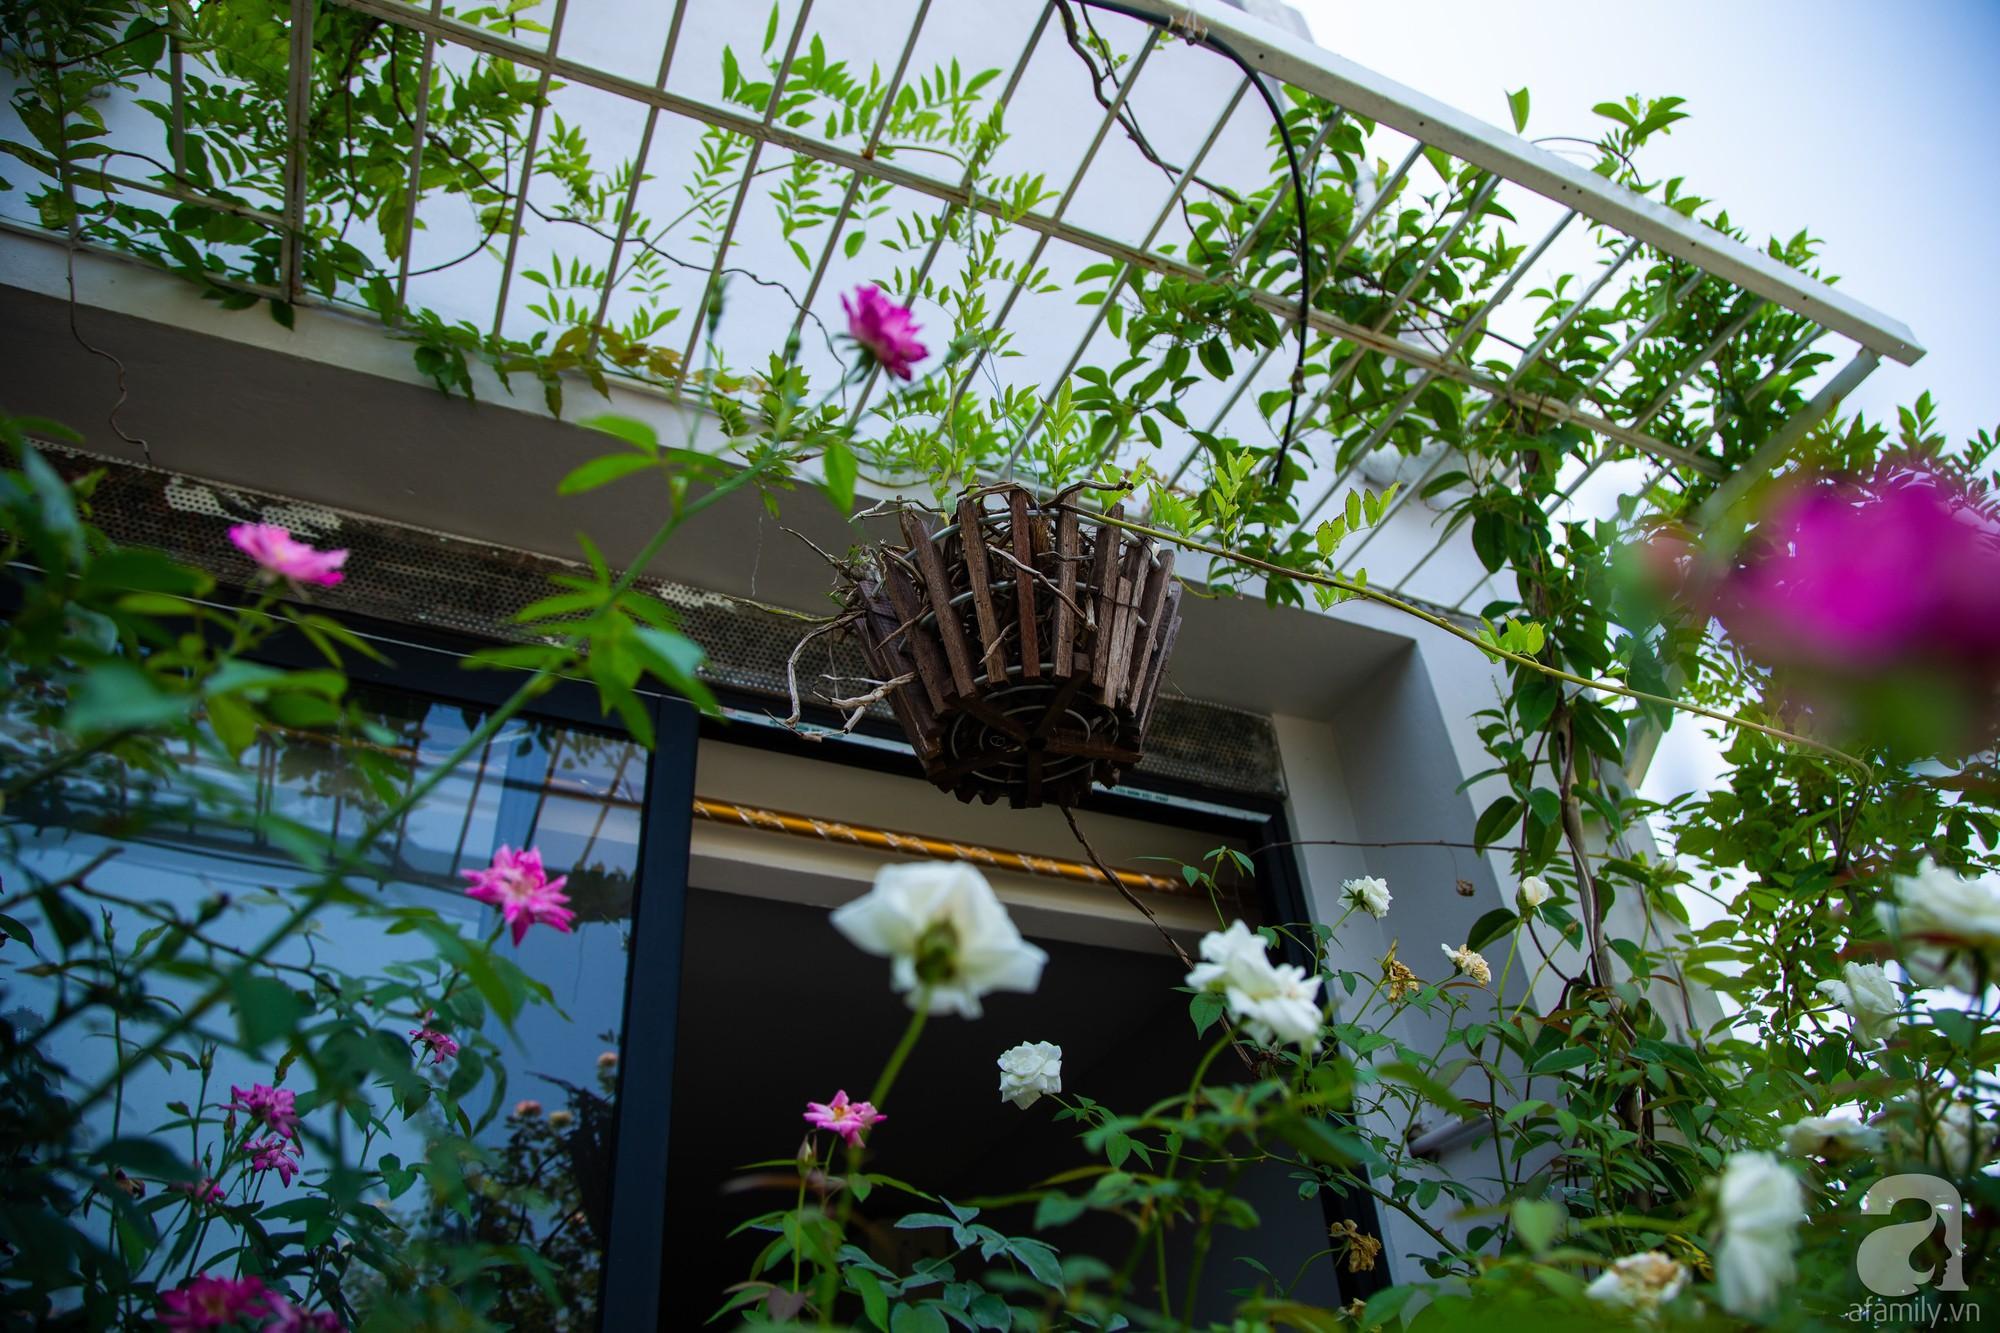 Khu vườn trên sân thượng rộng 200m² đẹp ngỡ ngàng với trăm loài hoa đua nhau khoe sắc ở Hà Nội - Ảnh 7.